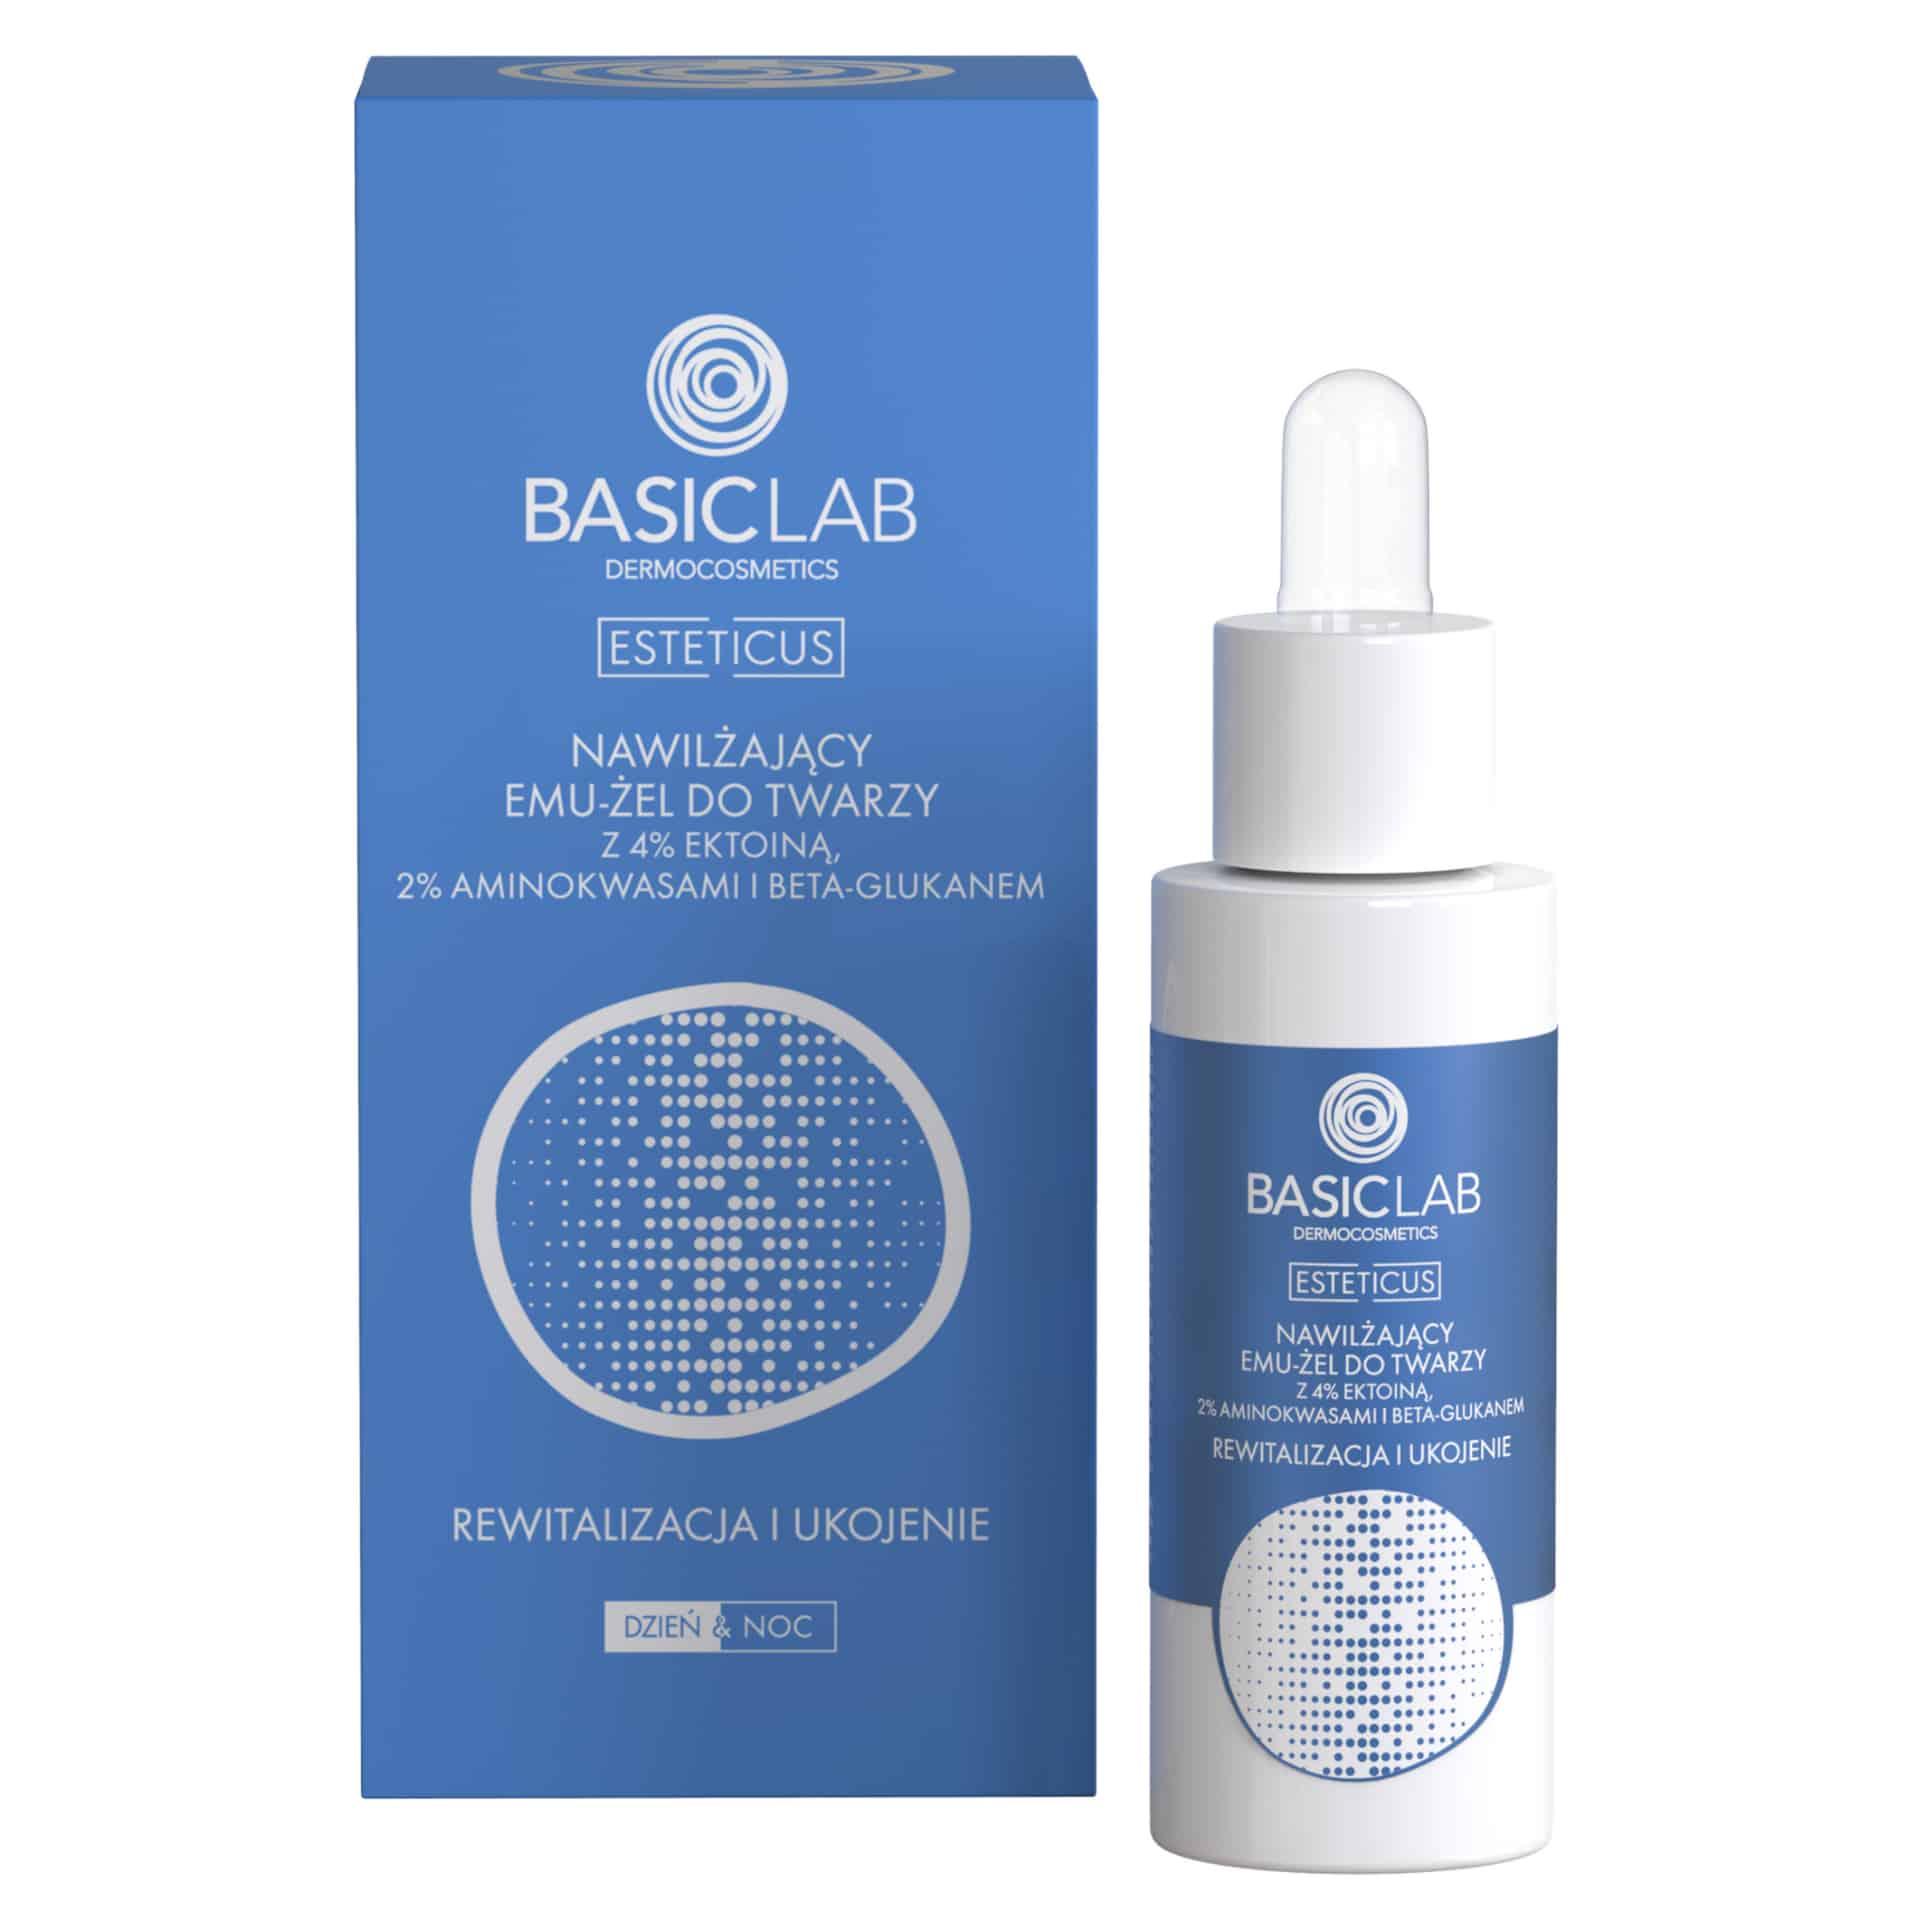 BasicLab Dermocosmetics – Nawilżający emu-żel do twarzy z 4% ektoiną, aminokwasami i beta-glukanem – Rewitalizacja i ukojenie (Fot. BasicLab Dermocosmetics)